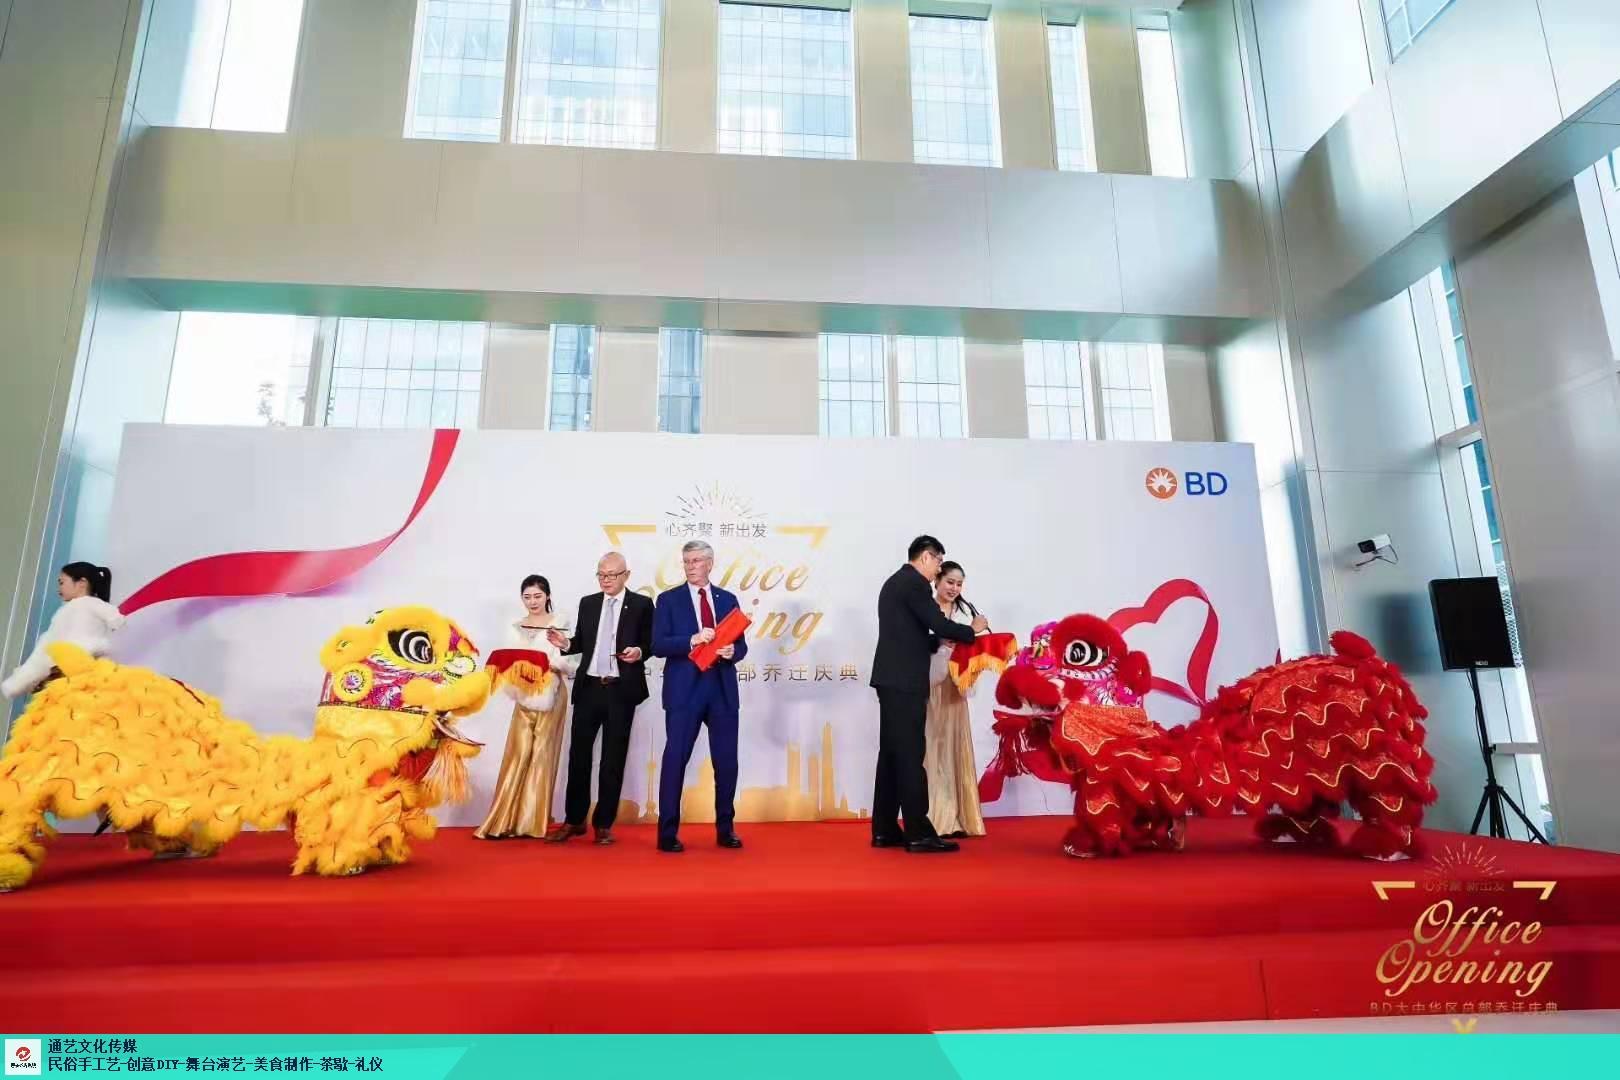 杨浦区舞龙舞狮专业团队在线服务,舞龙舞狮